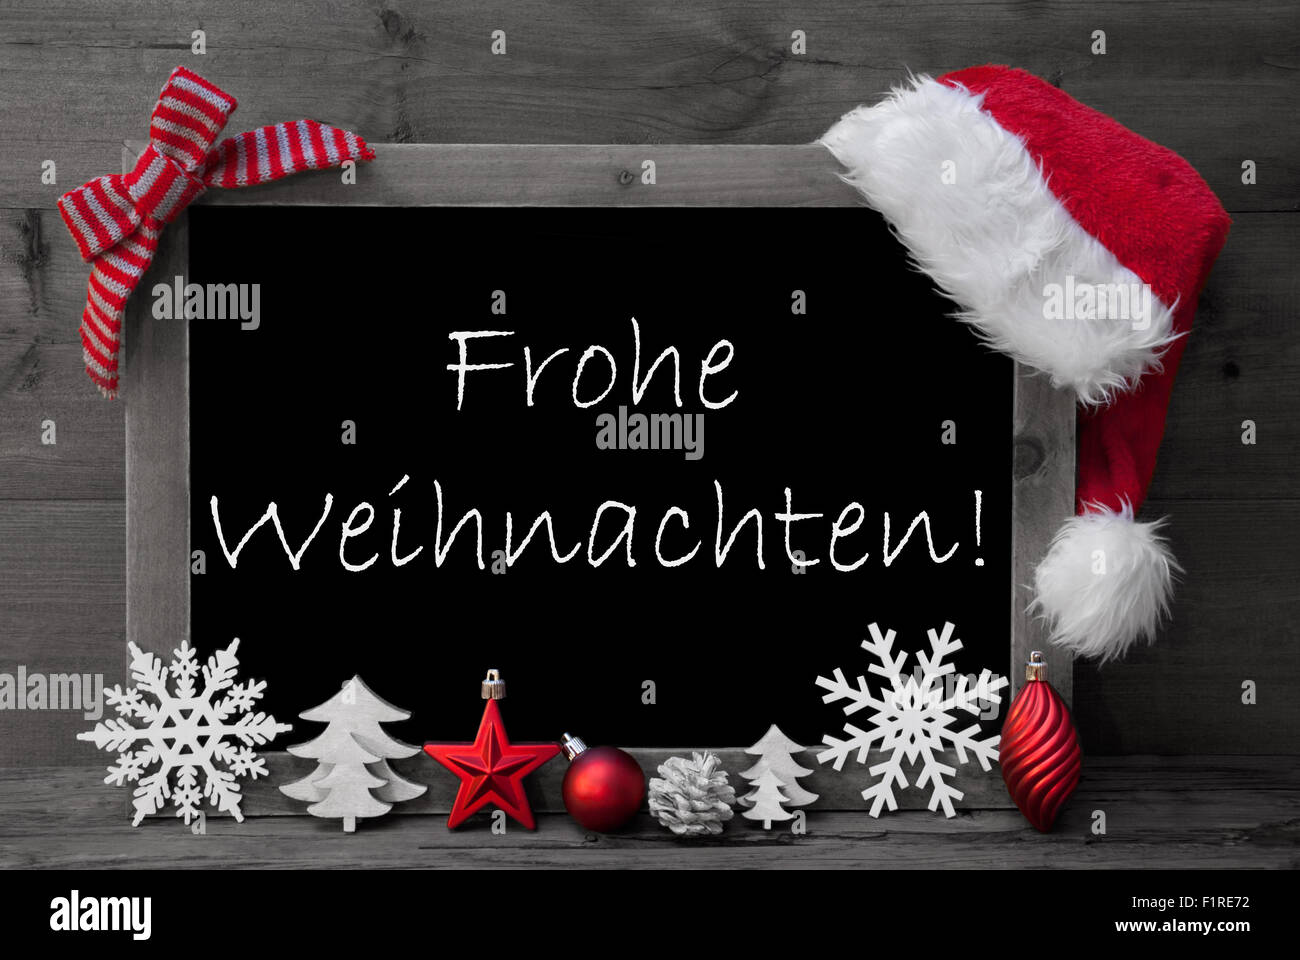 Frohe weihnachten wann